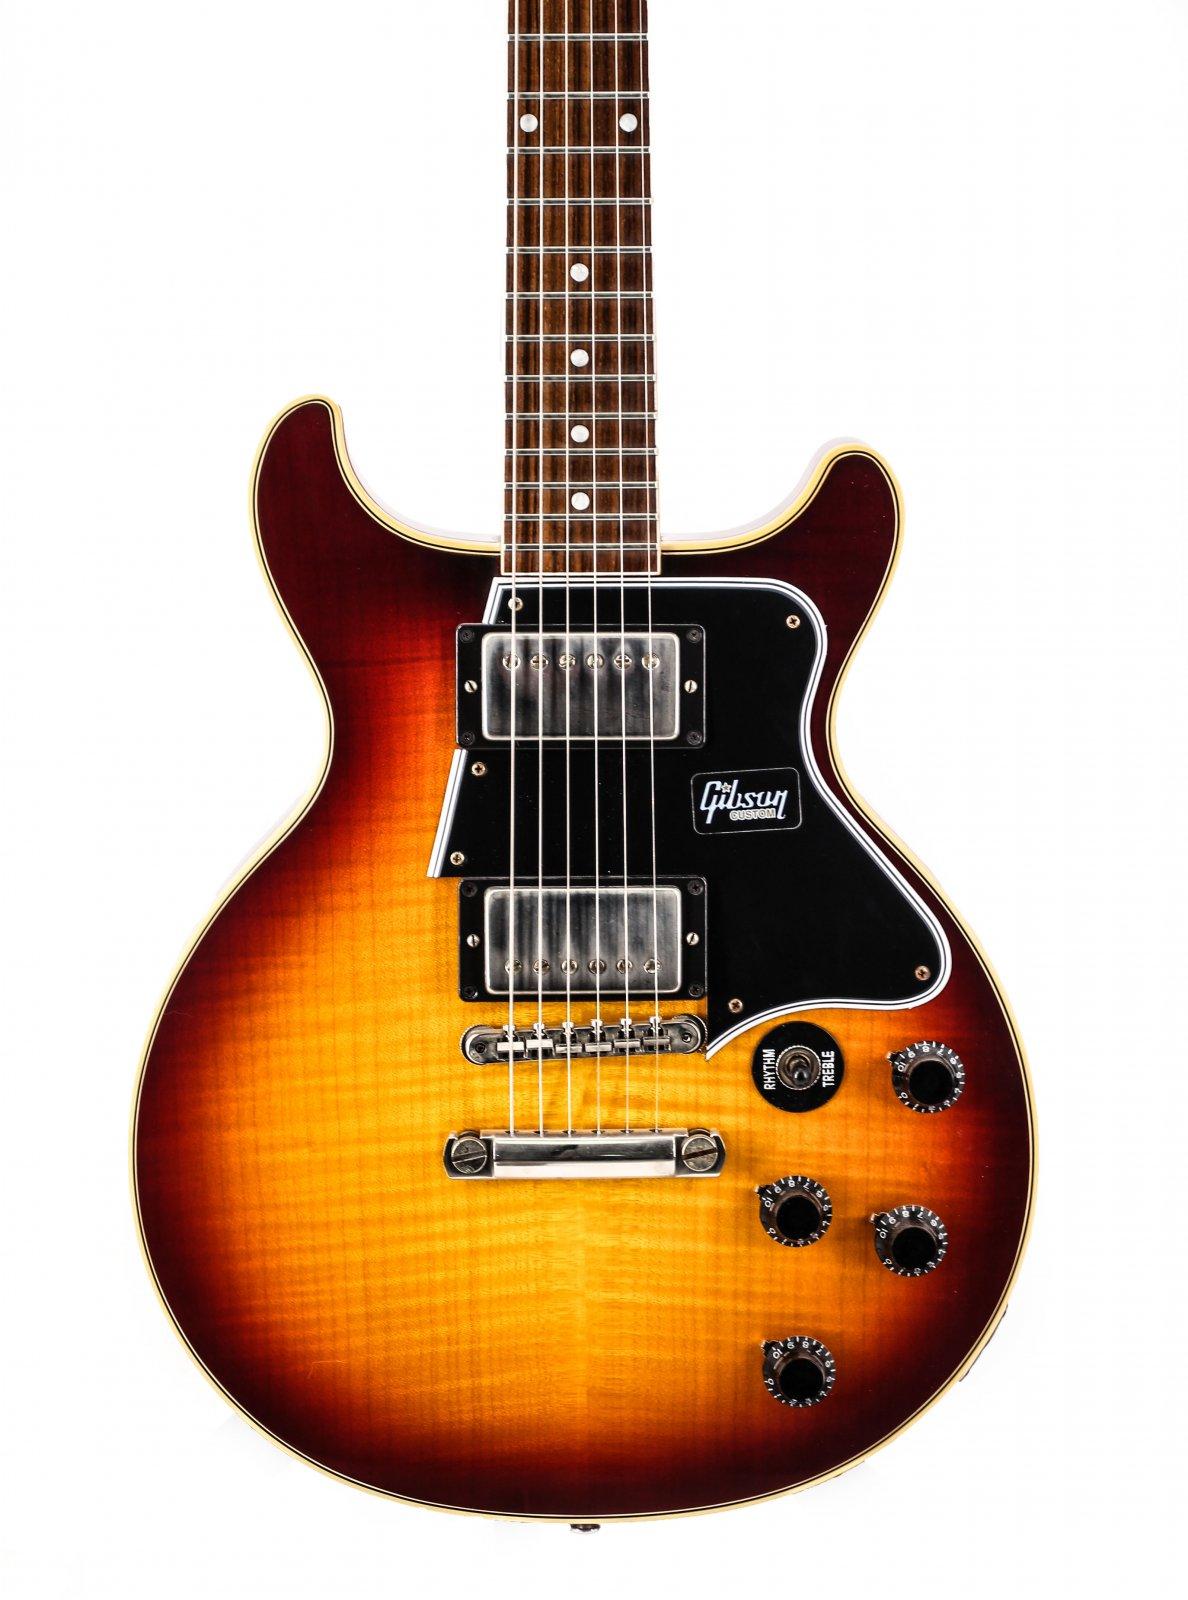 Gibson Custom Les Paul Special Doublecut Figured Bourbon Burst LPSPDCFVOBBNH1